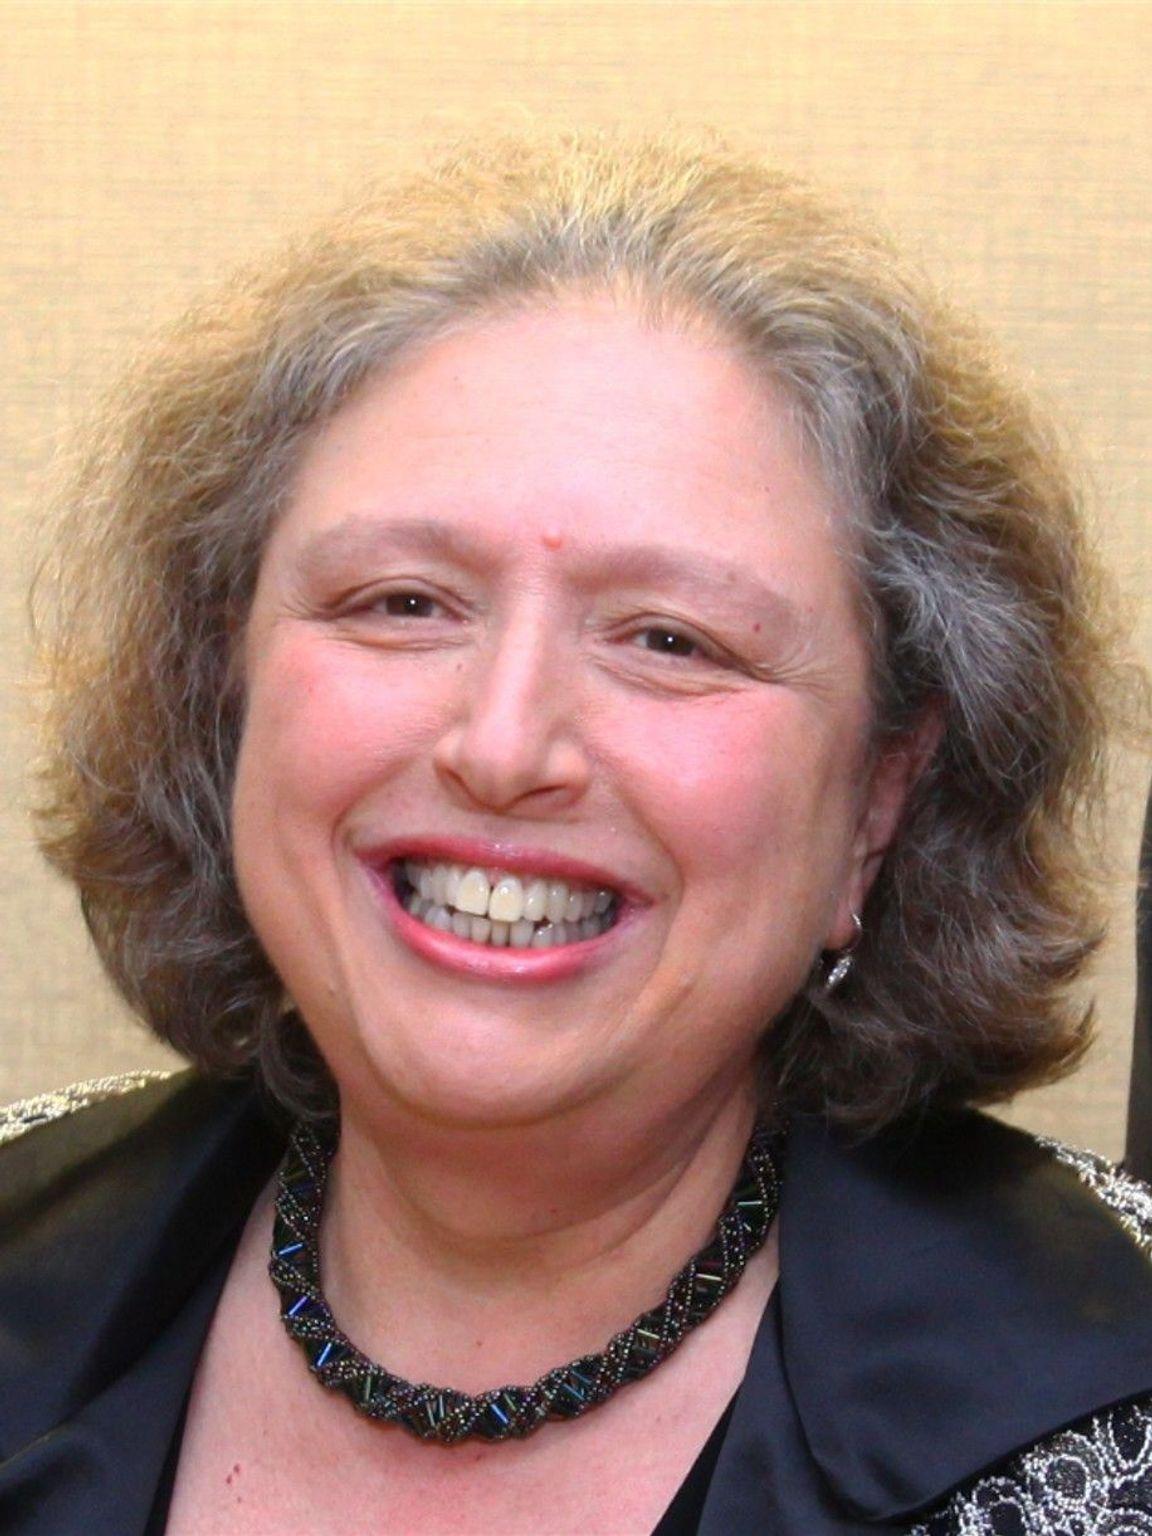 Dr. Lucille Esralew